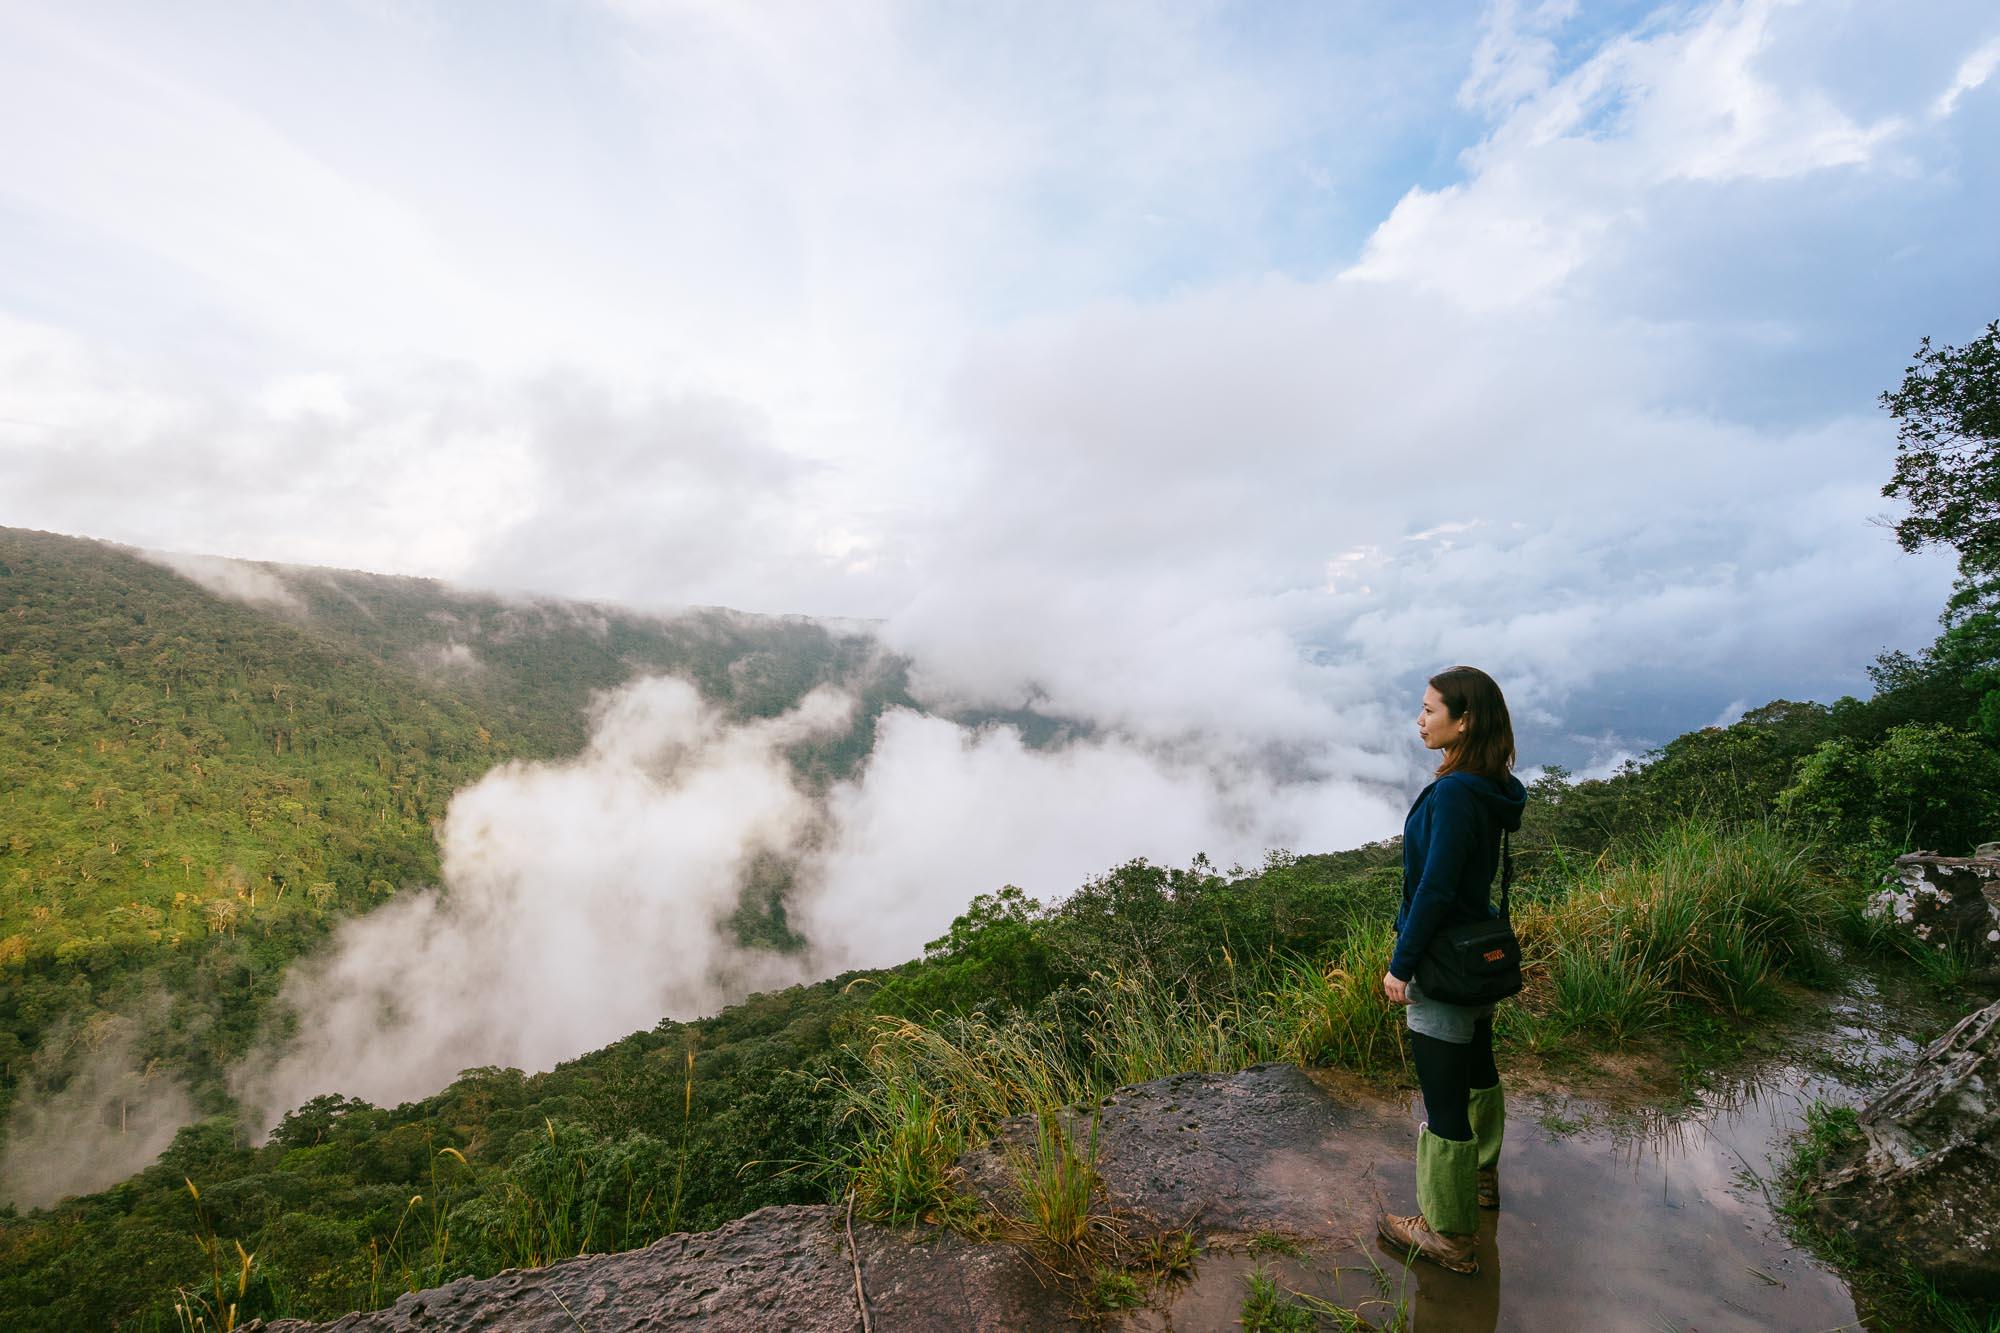 Phu Diao Dai Viewpoint, Khao Yai